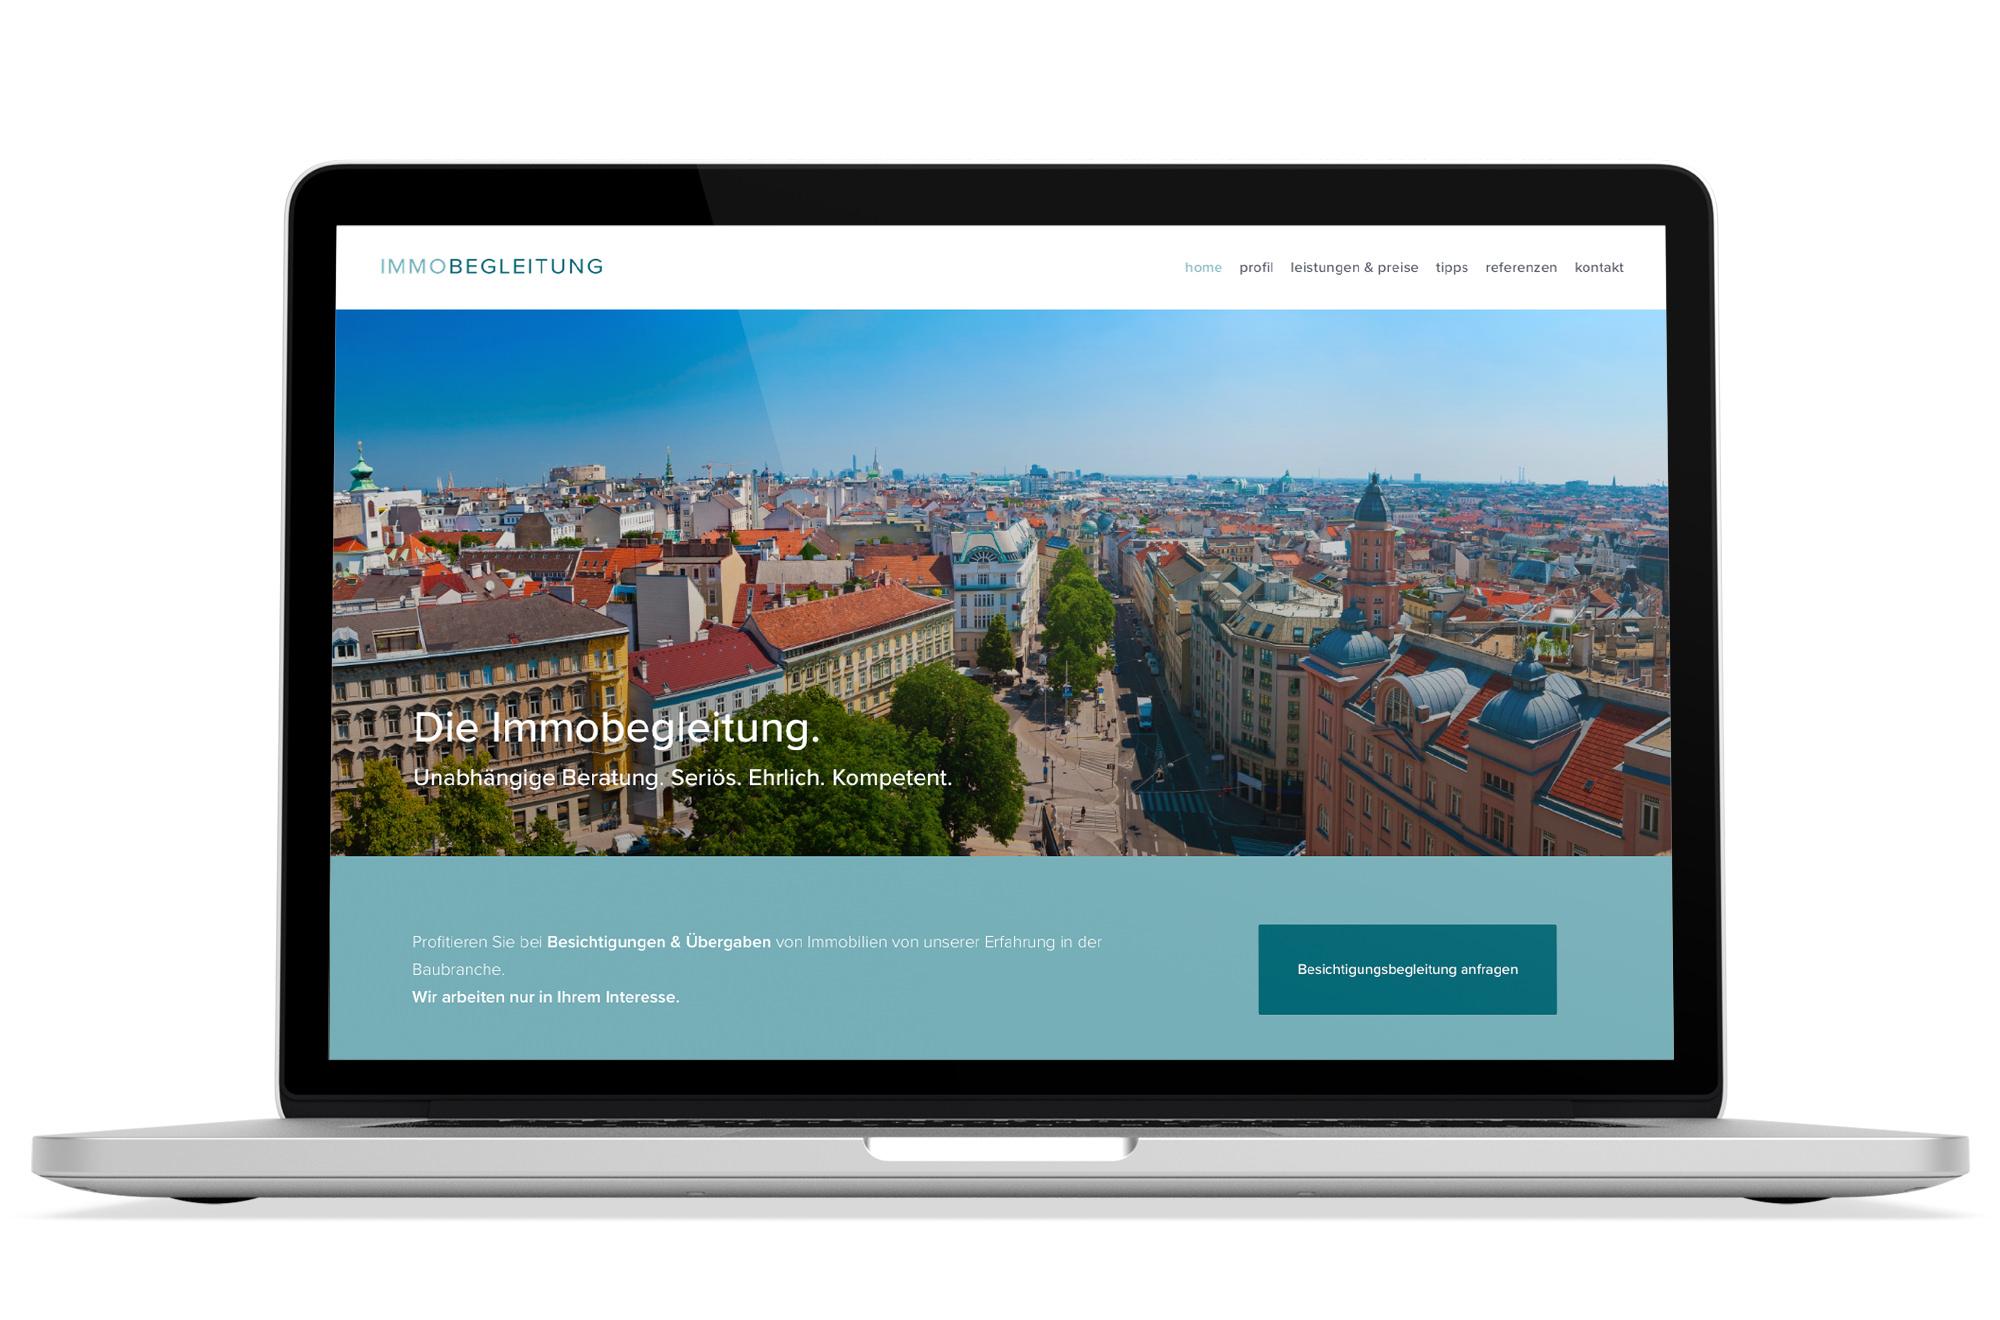 Responsive Webdesign Beispiel: Neue mobile Webseite für Immobilien